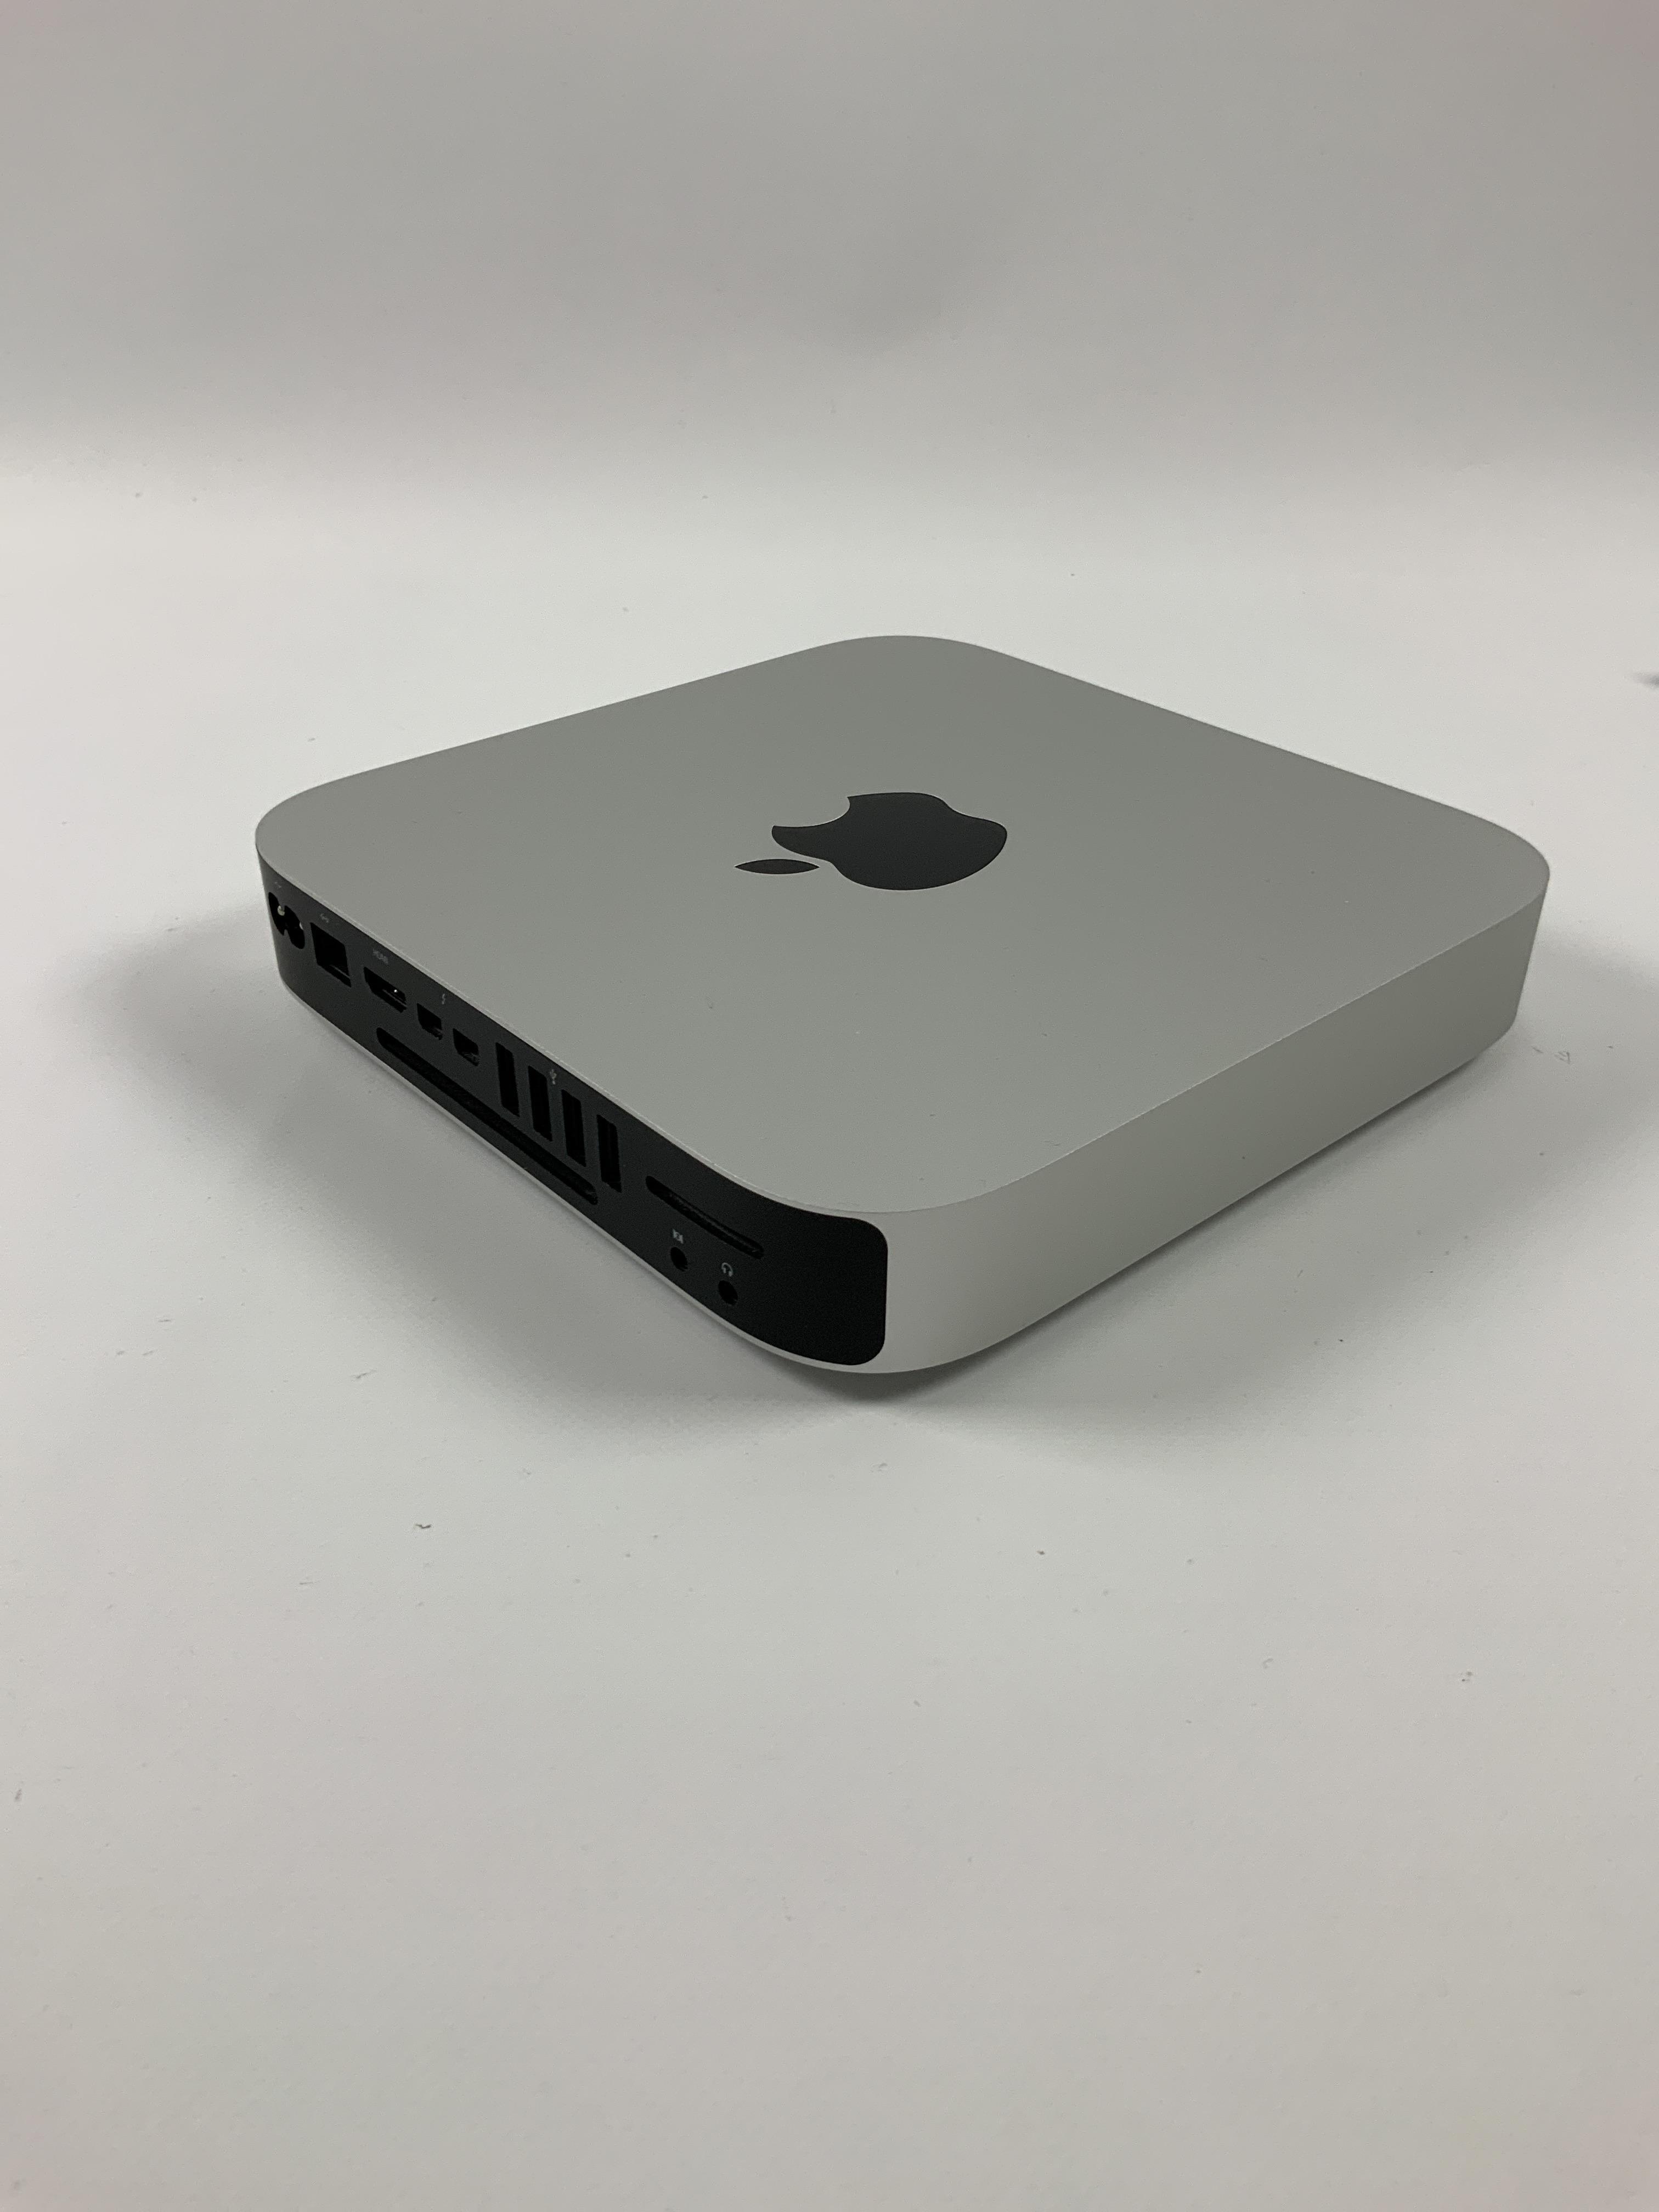 Mac Mini Late 2014 (Intel Core i7 3.0 GHz 16 GB RAM 1 TB SSD), Intel Core i7 3.0 GHz, 16 GB RAM, 1 TB SSD, Bild 2